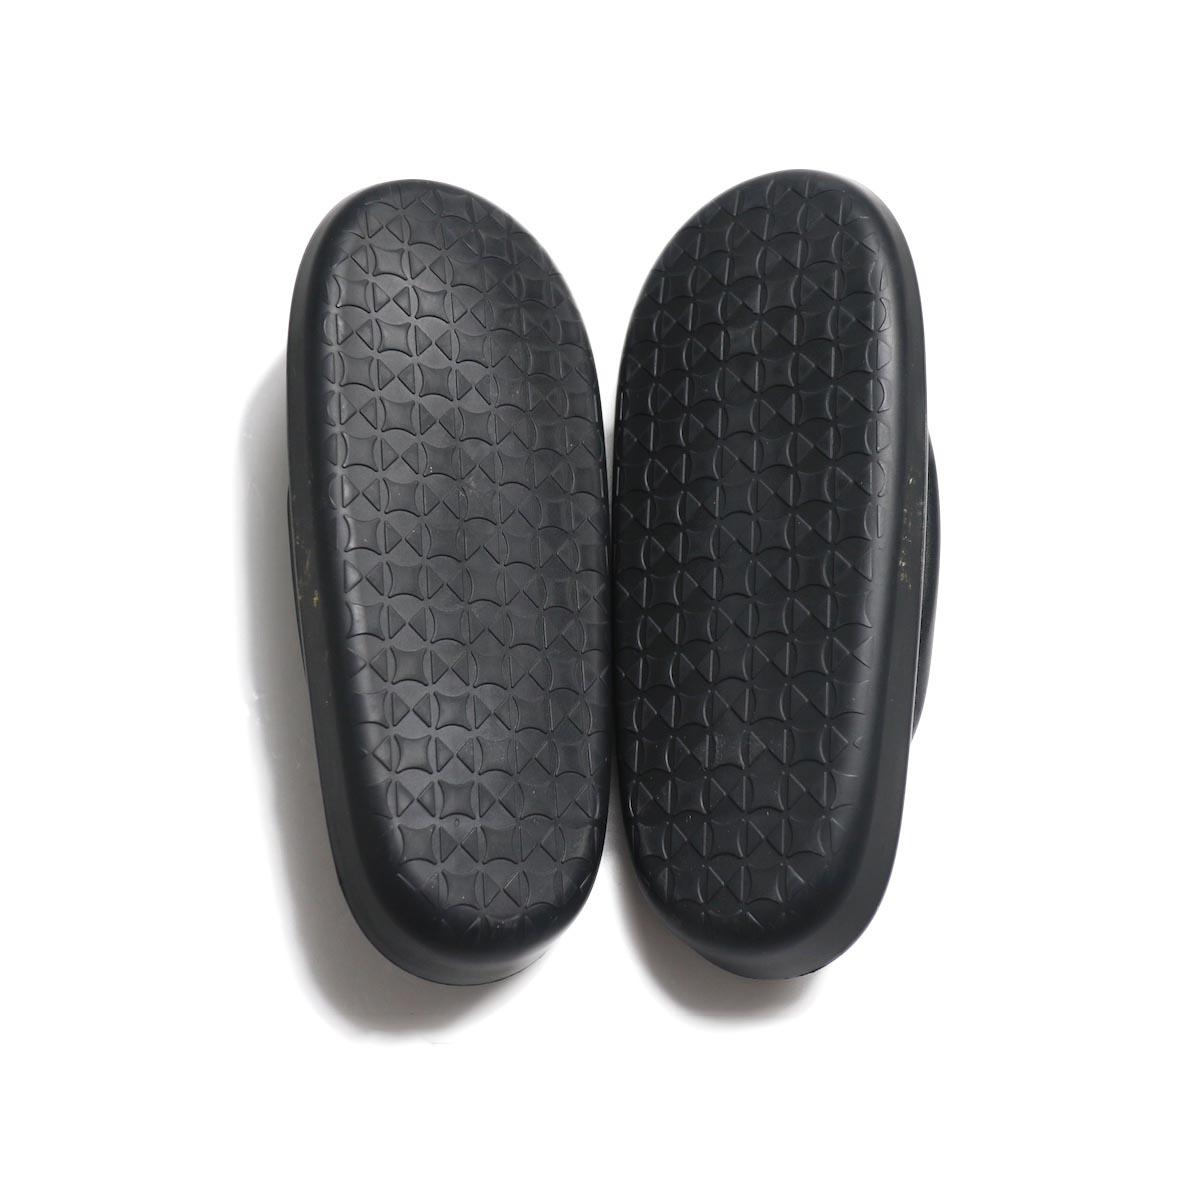 JOJO / Beach Sandal -Black (Black Suede) アウトソール